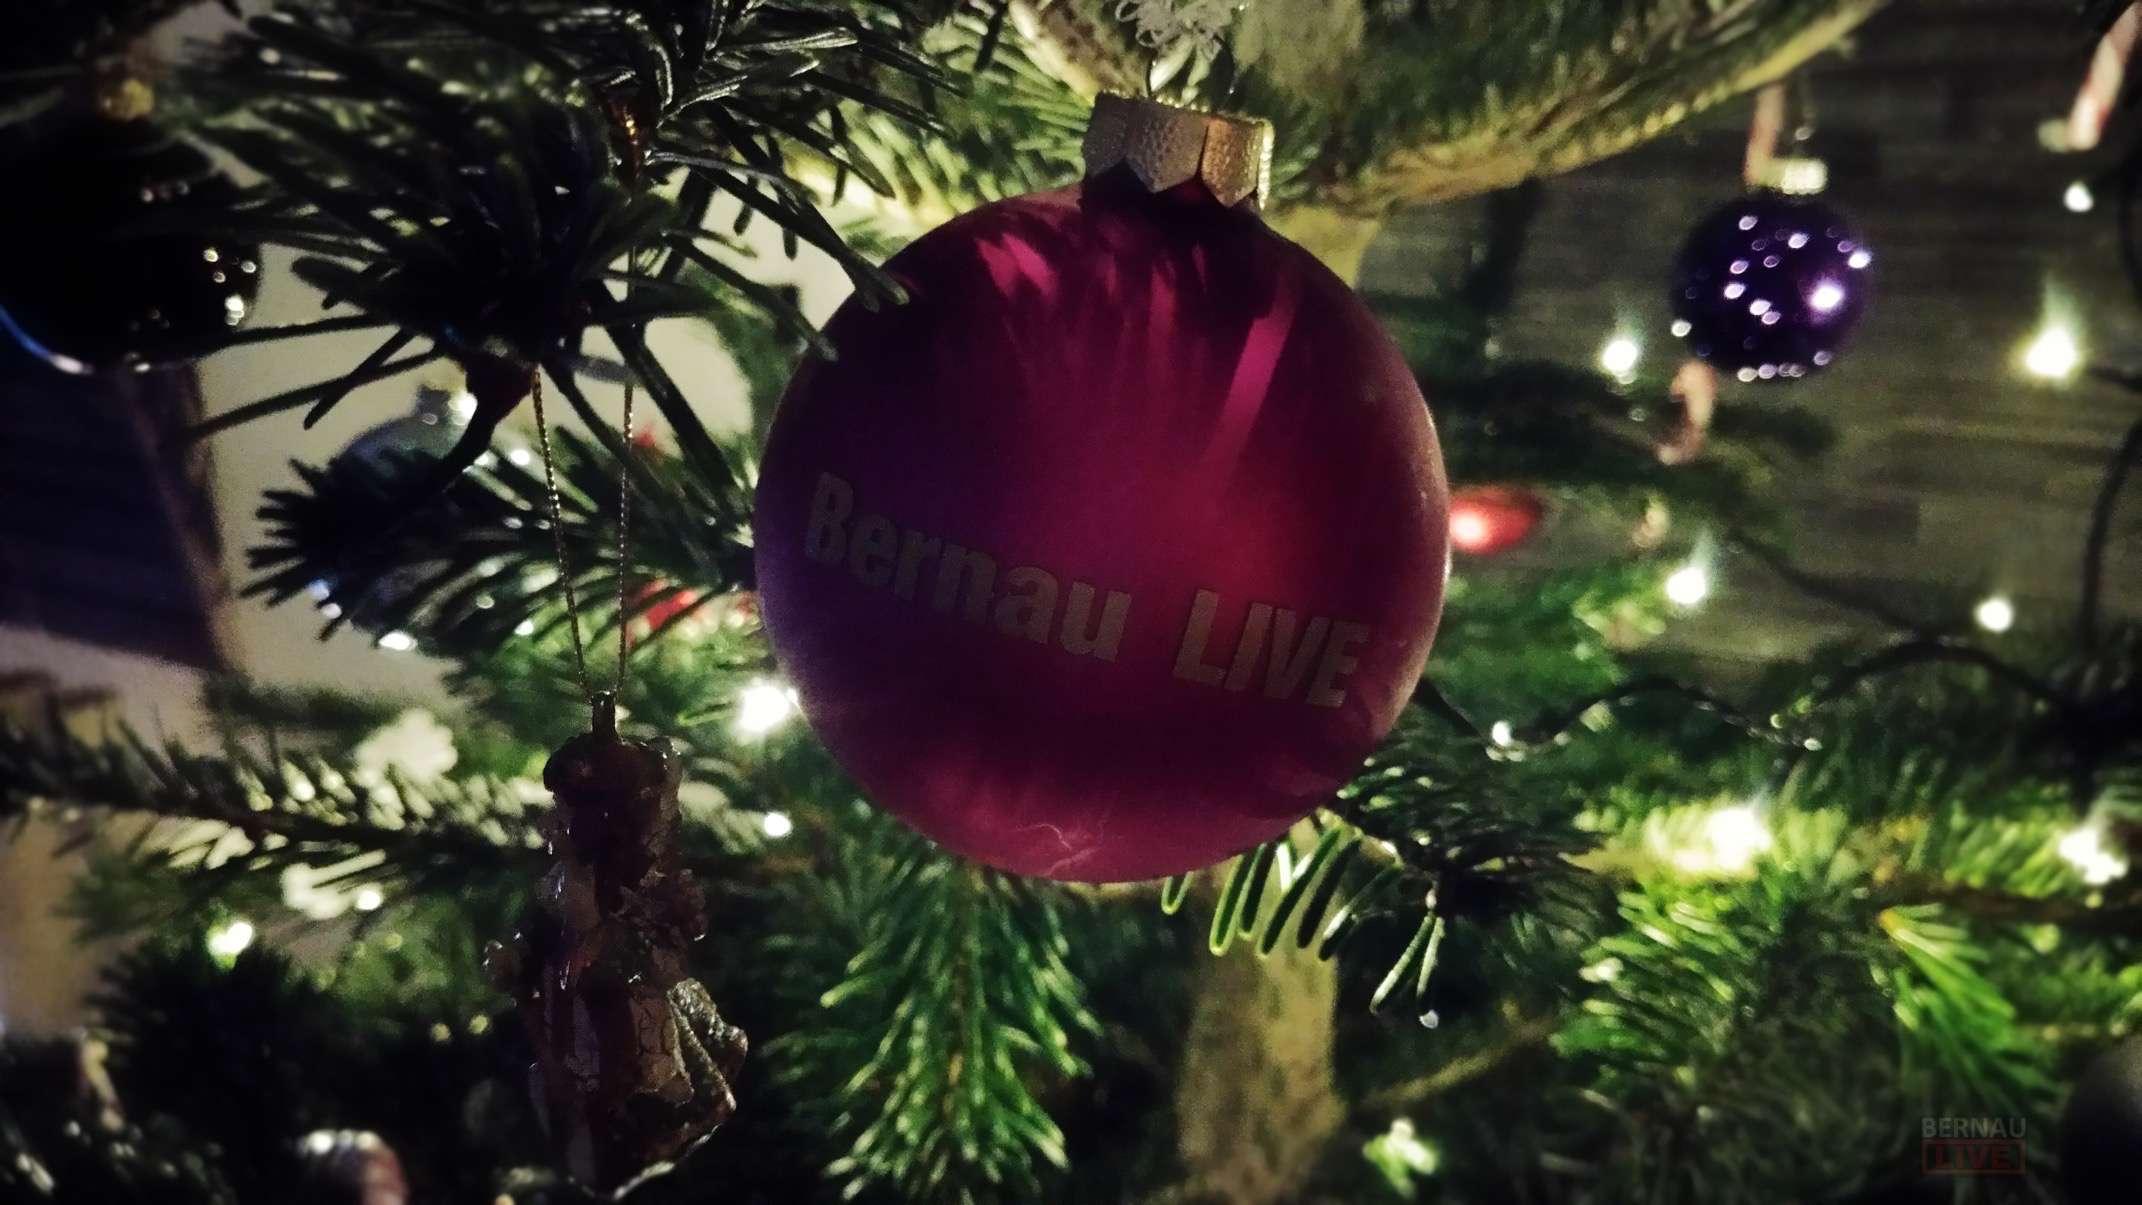 Bernau LIVE wünscht allen schöne und besinnliche Weihnachten ...